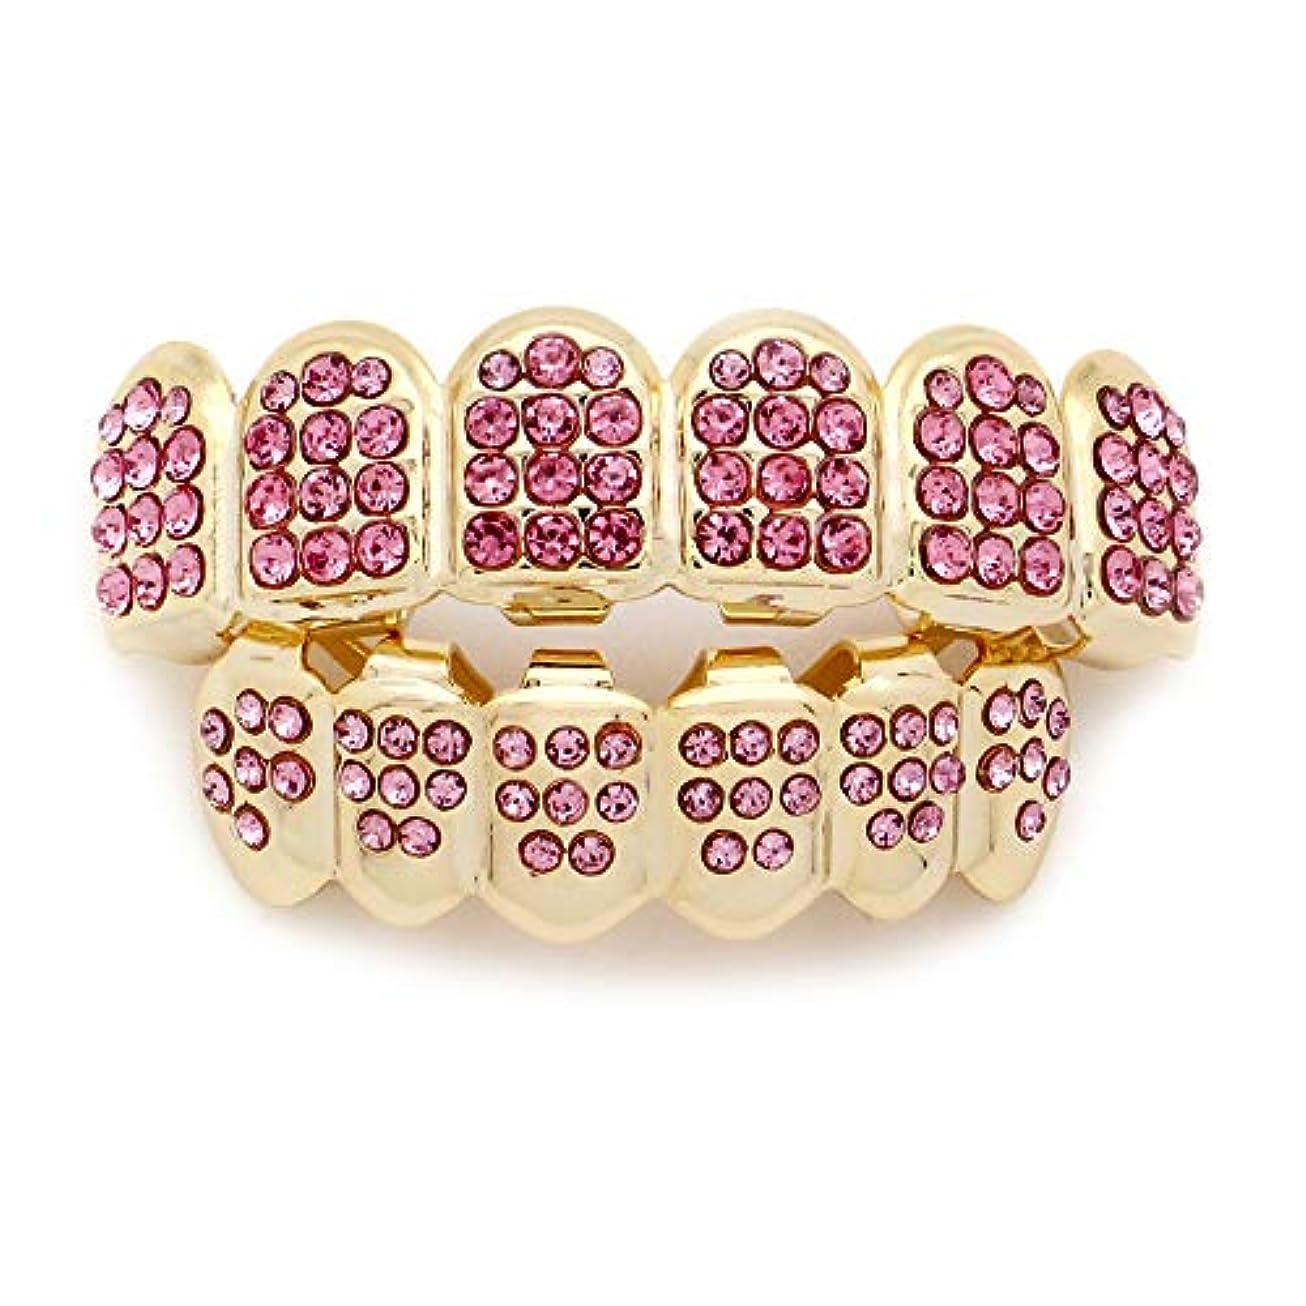 飢選択割合ダイヤモンドゴールドプレートHIPHOPティースキャップ、ヨーロッパ系アメリカ人INS最もホットなゴールド&ブラック&シルバー歯ブレース口の歯 (Color : Pink)